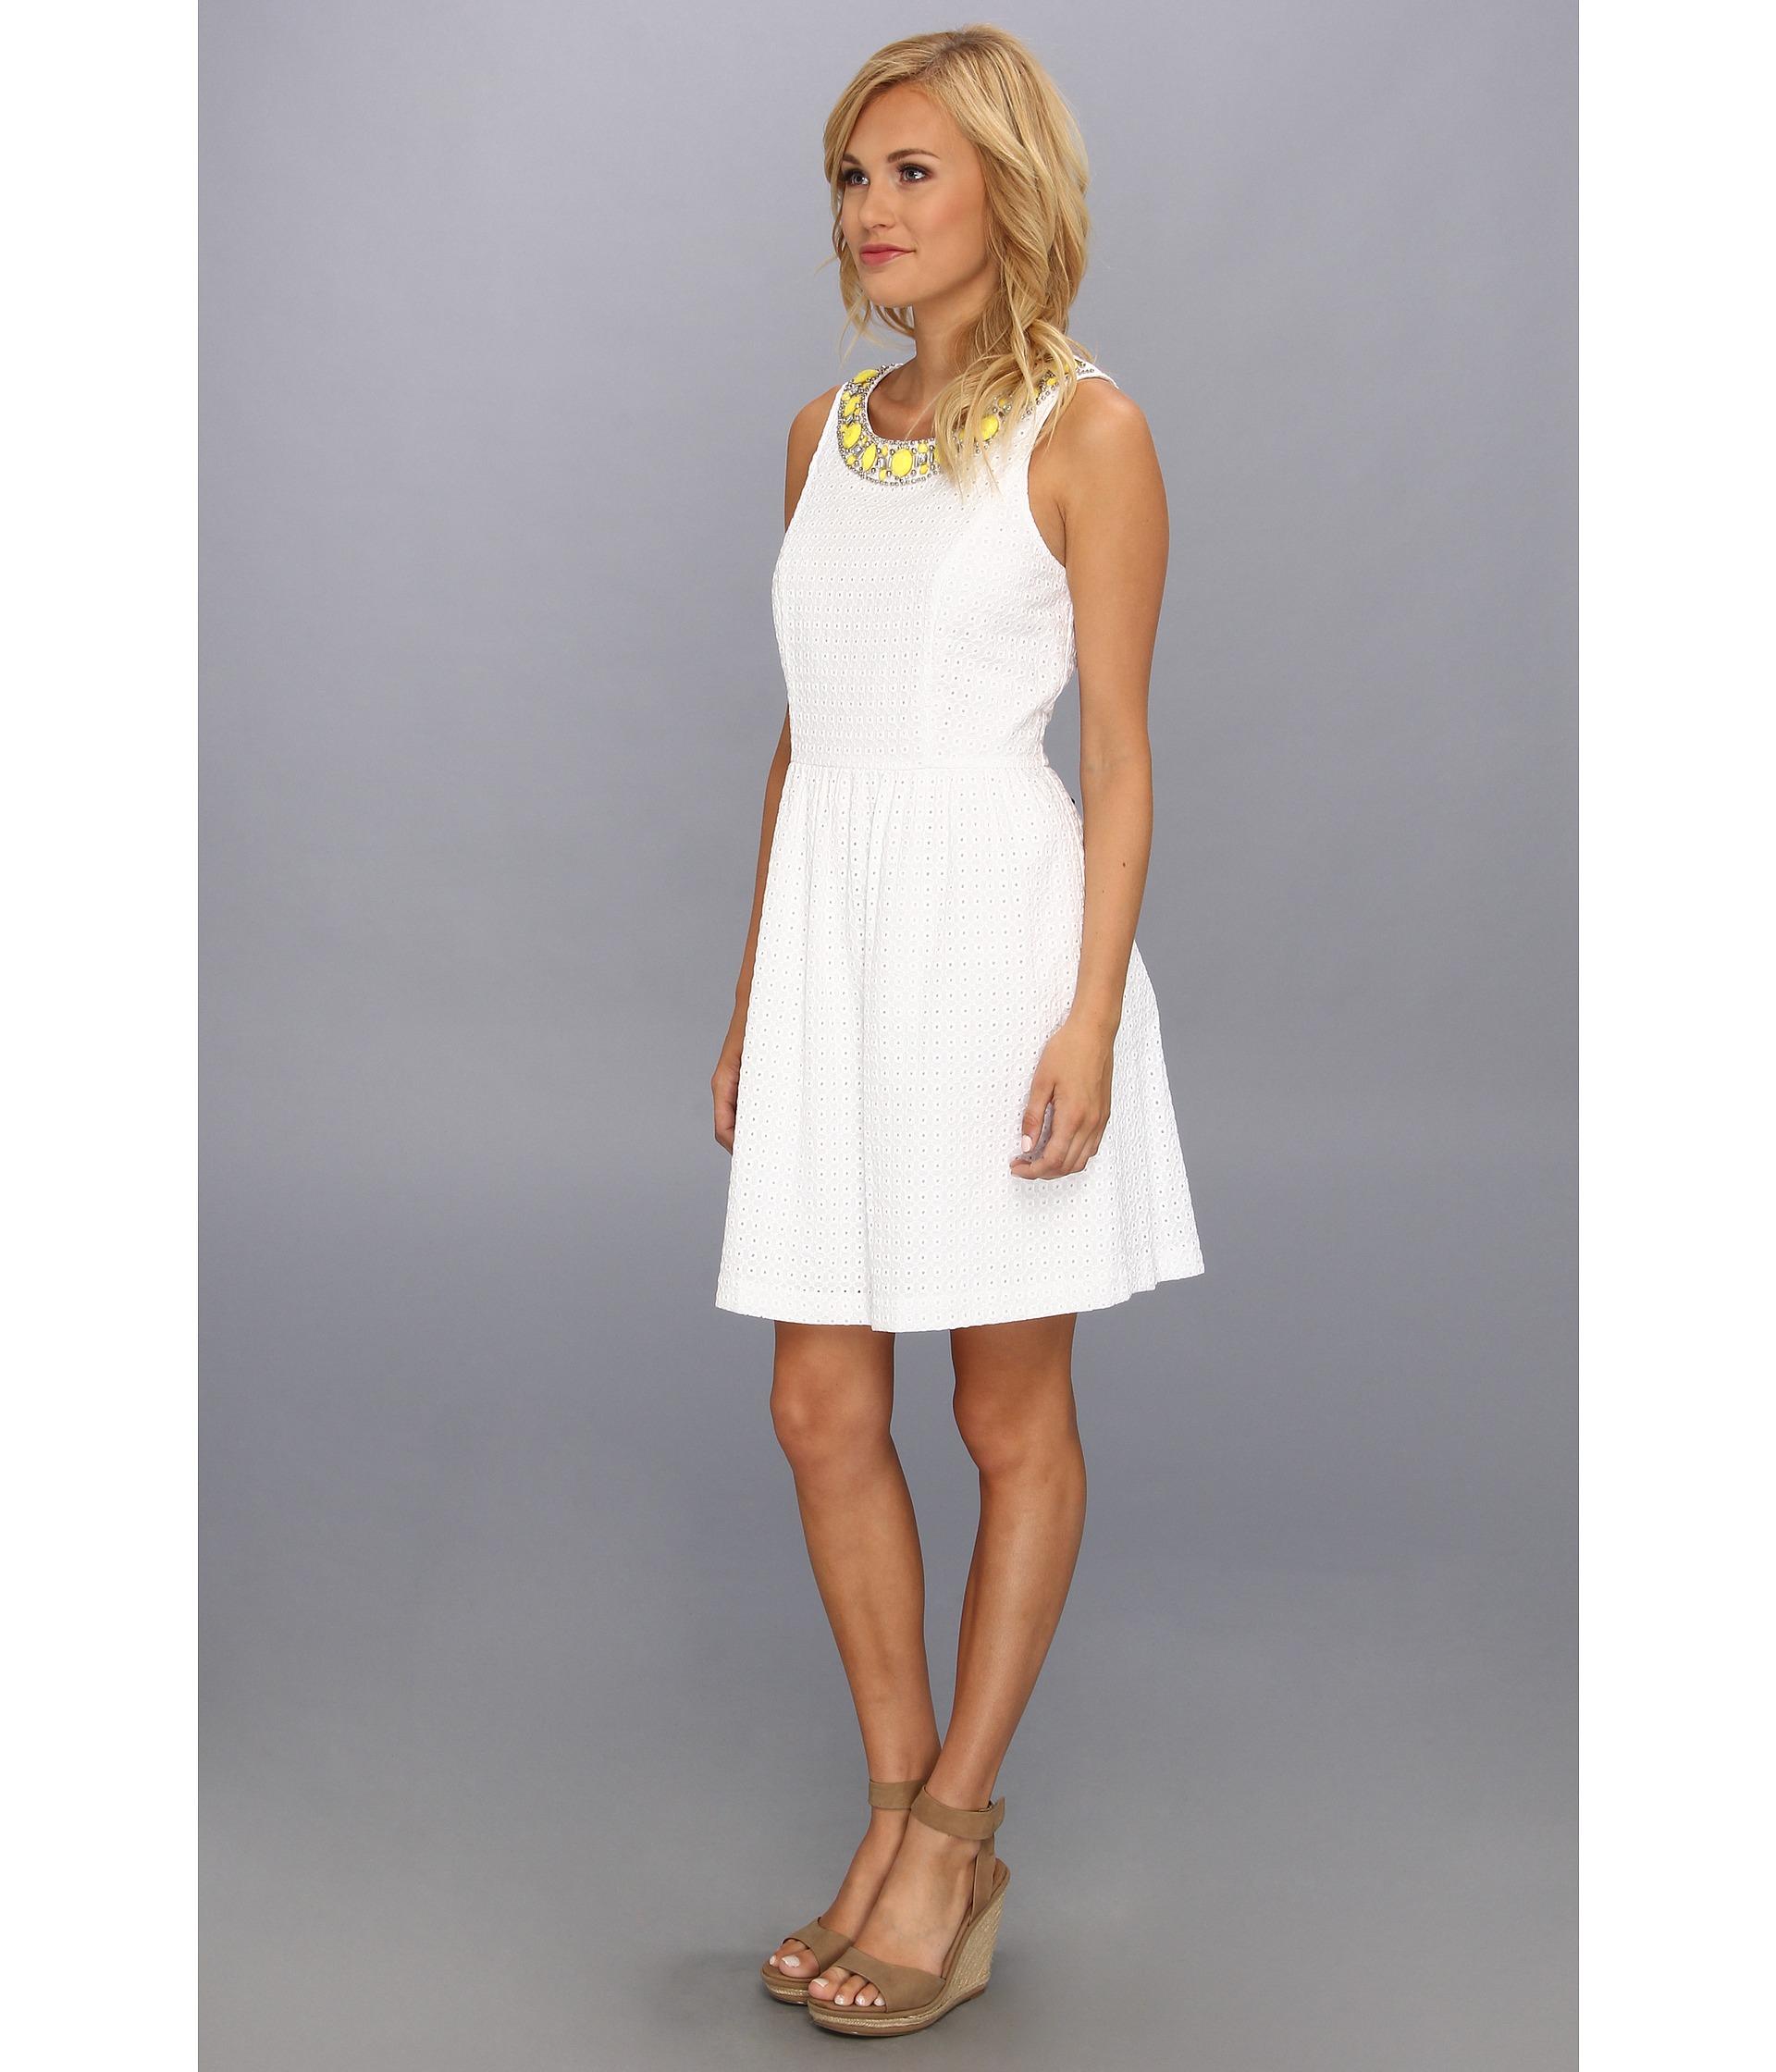 dccd8fb770ee1 Lyst - Kensie Geo Eyelet Dress in White